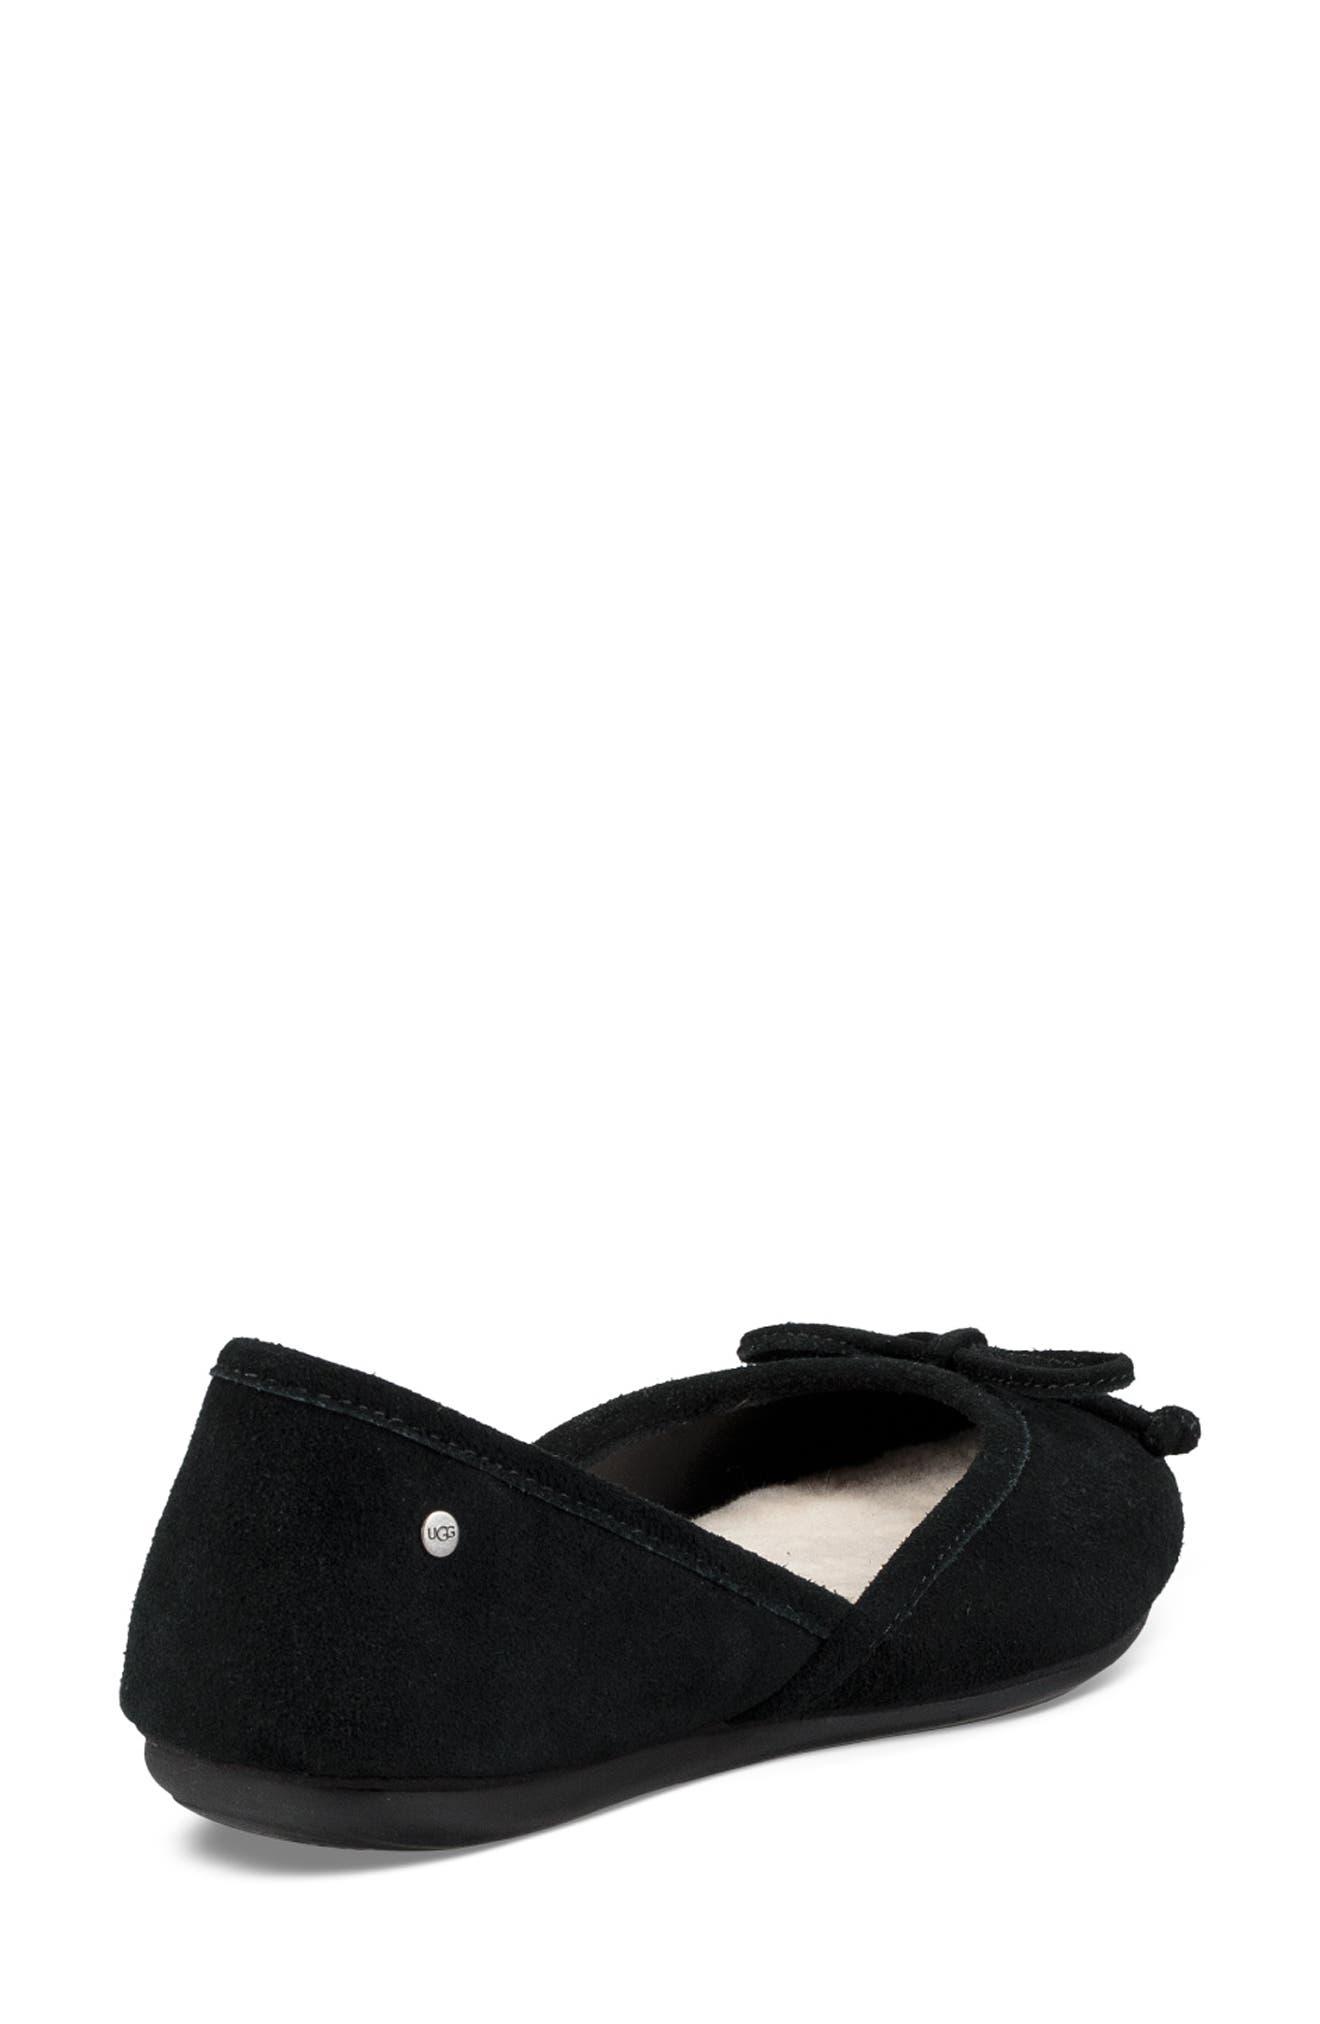 4bb940798db Women's UGG® Flats & Ballet Flats | Nordstrom